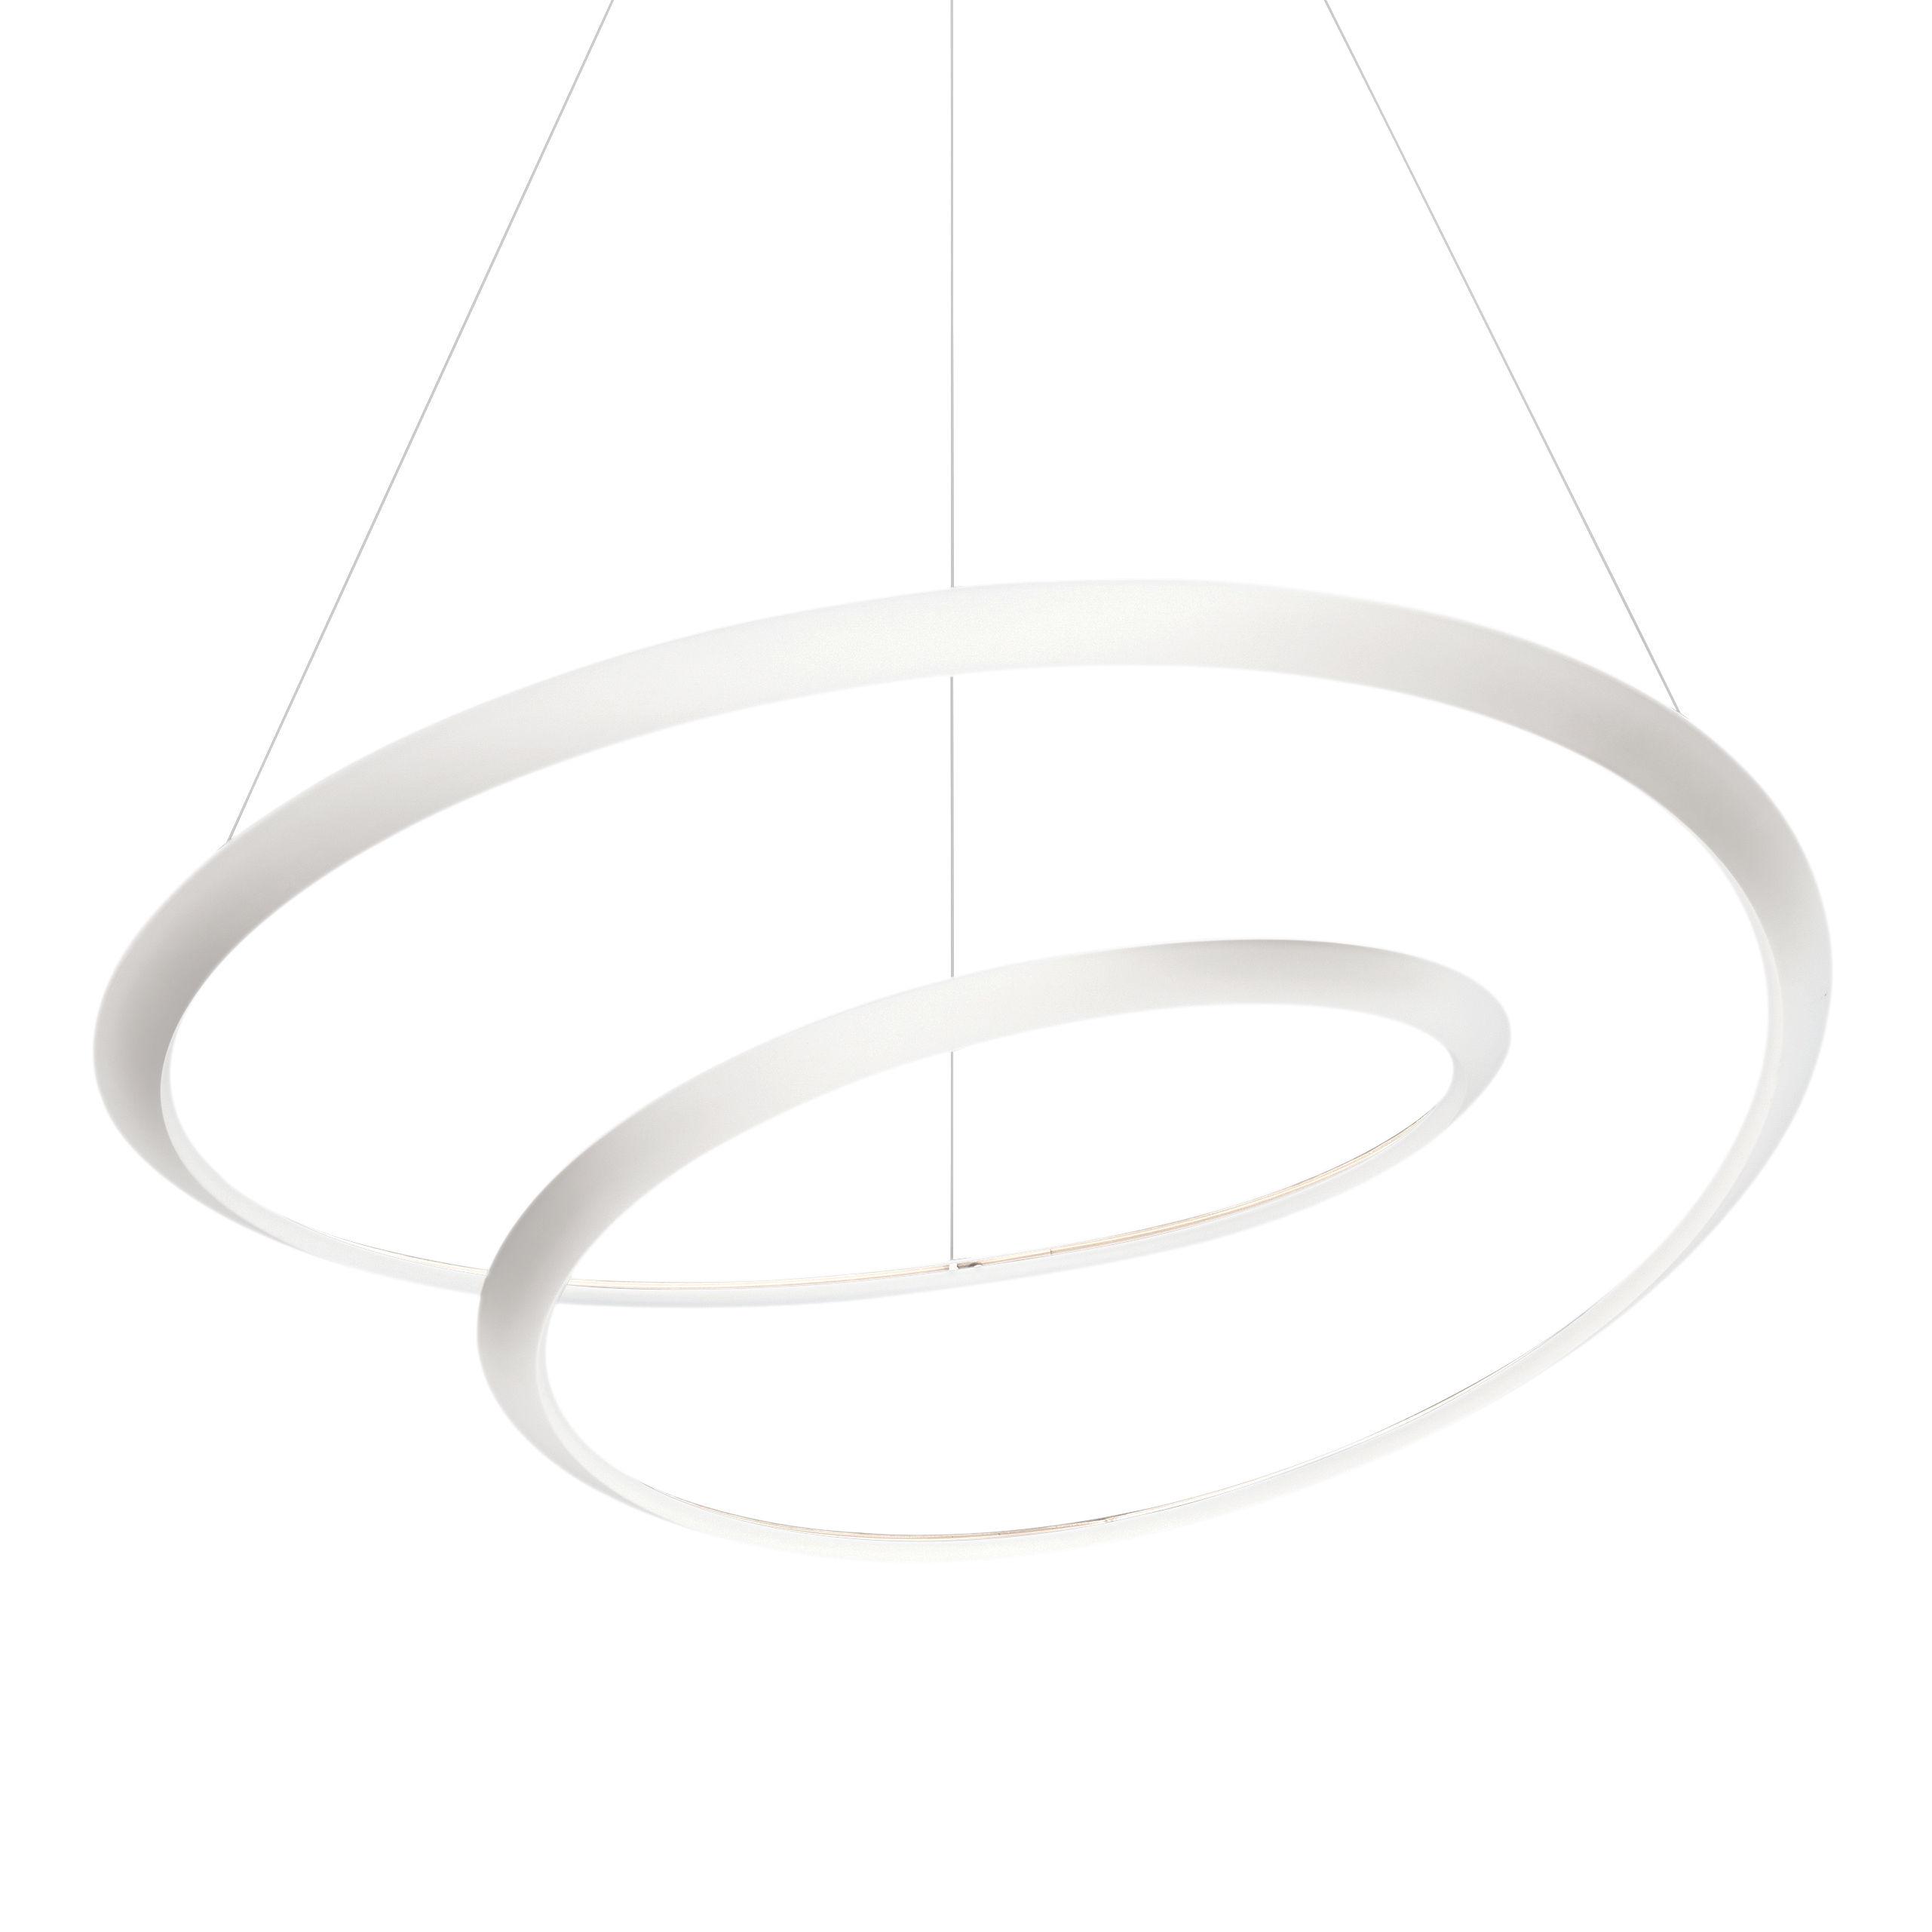 Illuminazione - Lampadari - Sospensione Kepler Uplight LED - / Ø 110 cm di Nemo - Bianco - alluminio estruso